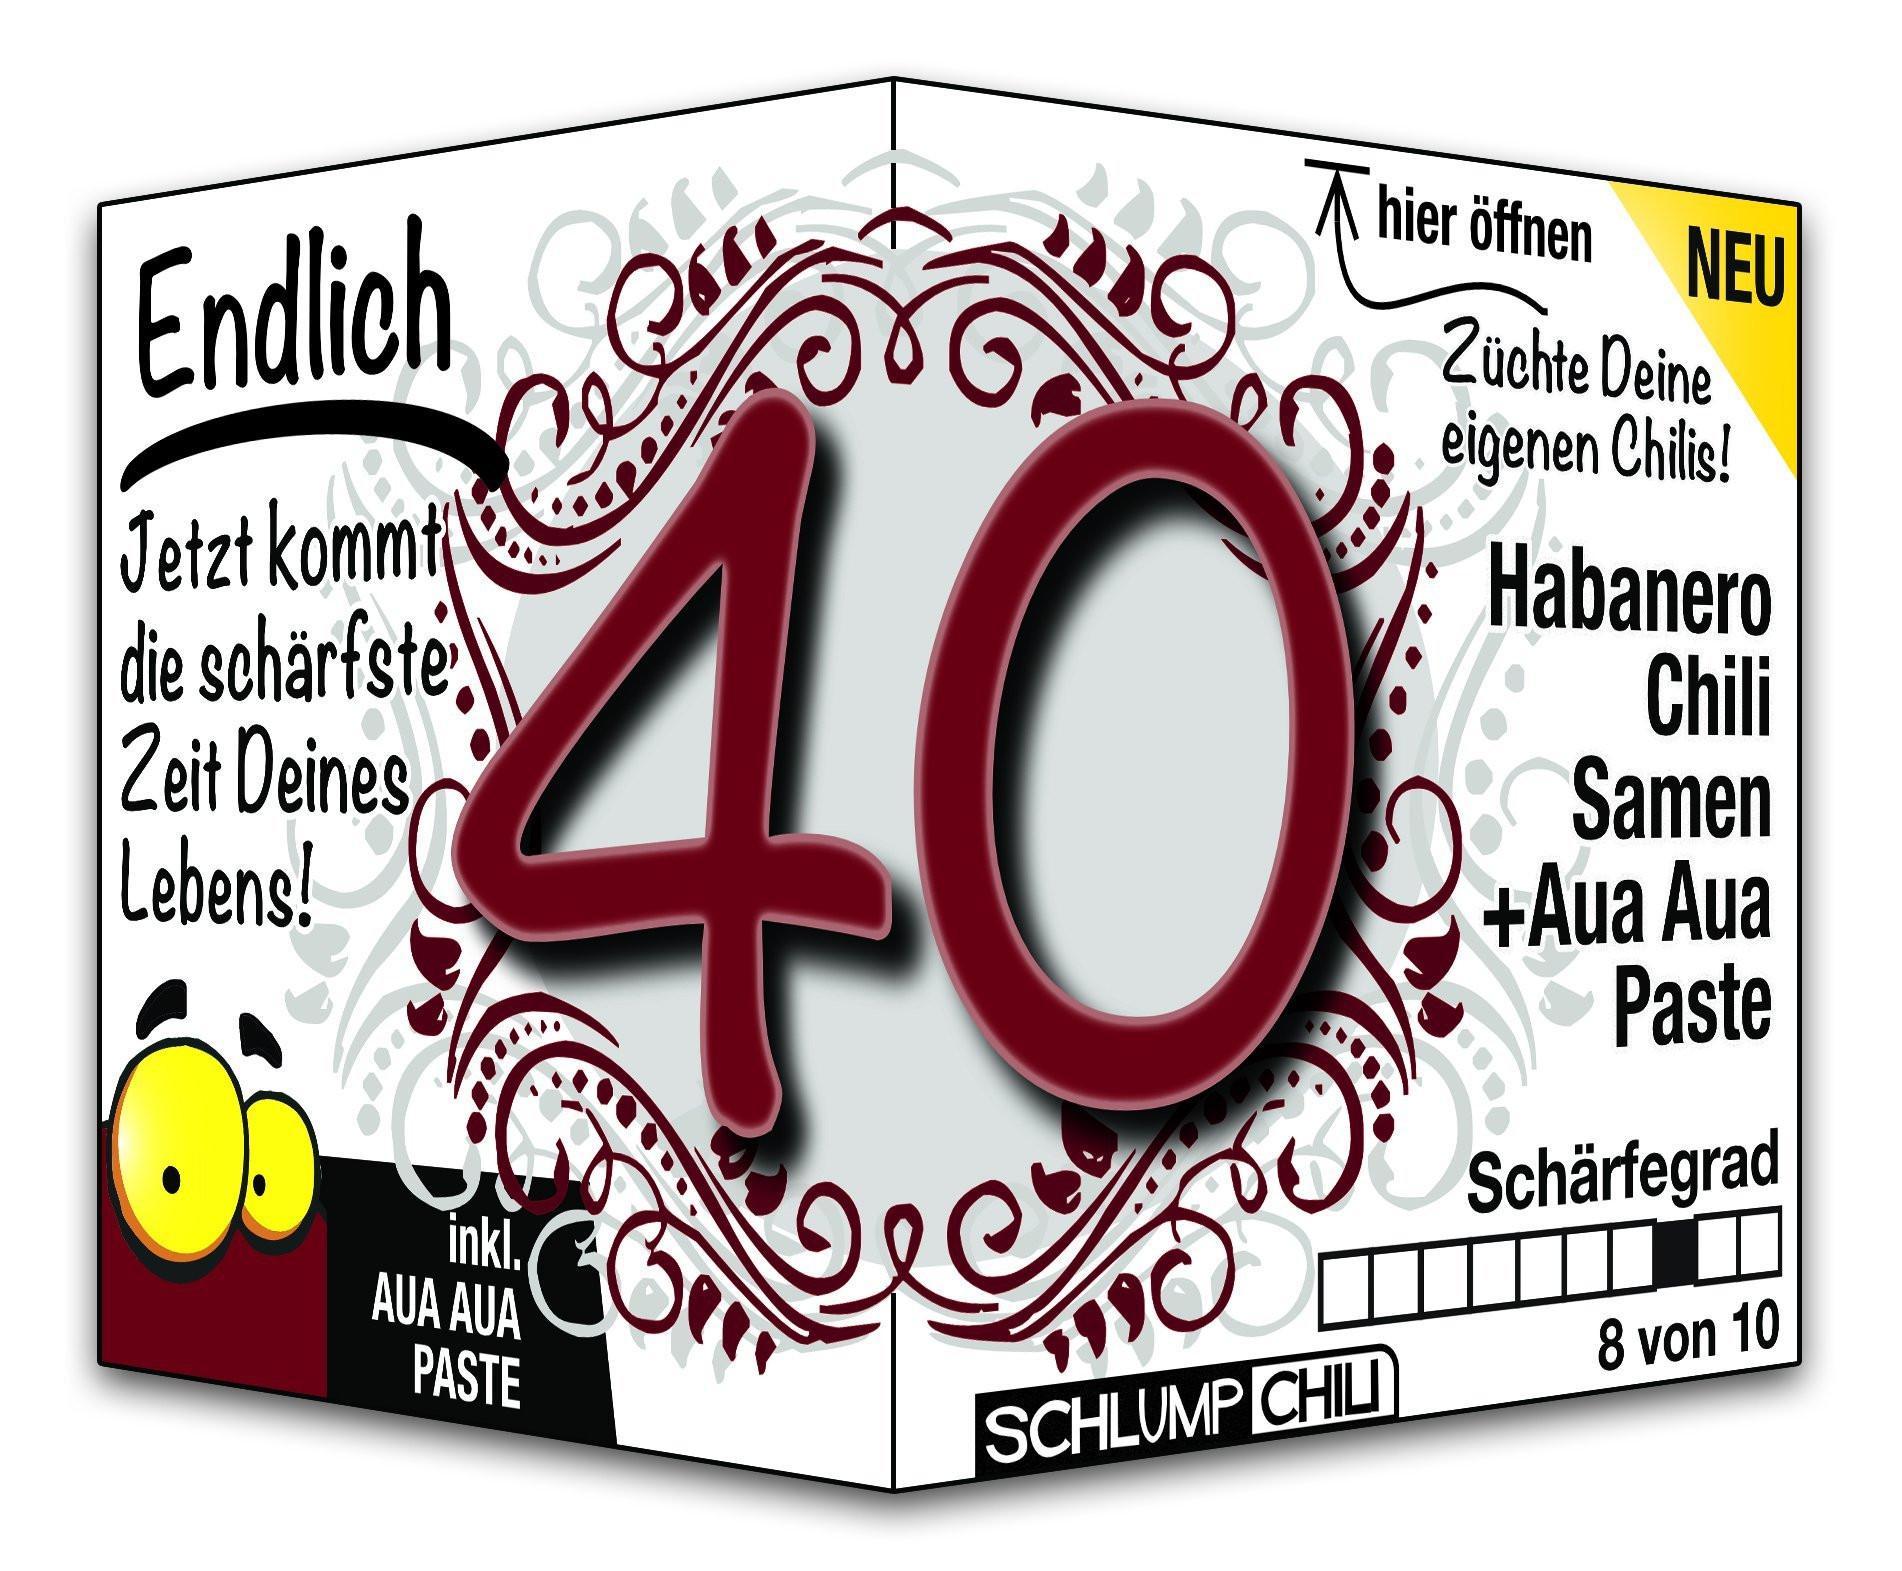 Geburtstagswünsche Zum 40 Mann  Geschenke zum 40 Geburtstag Mann Amazon